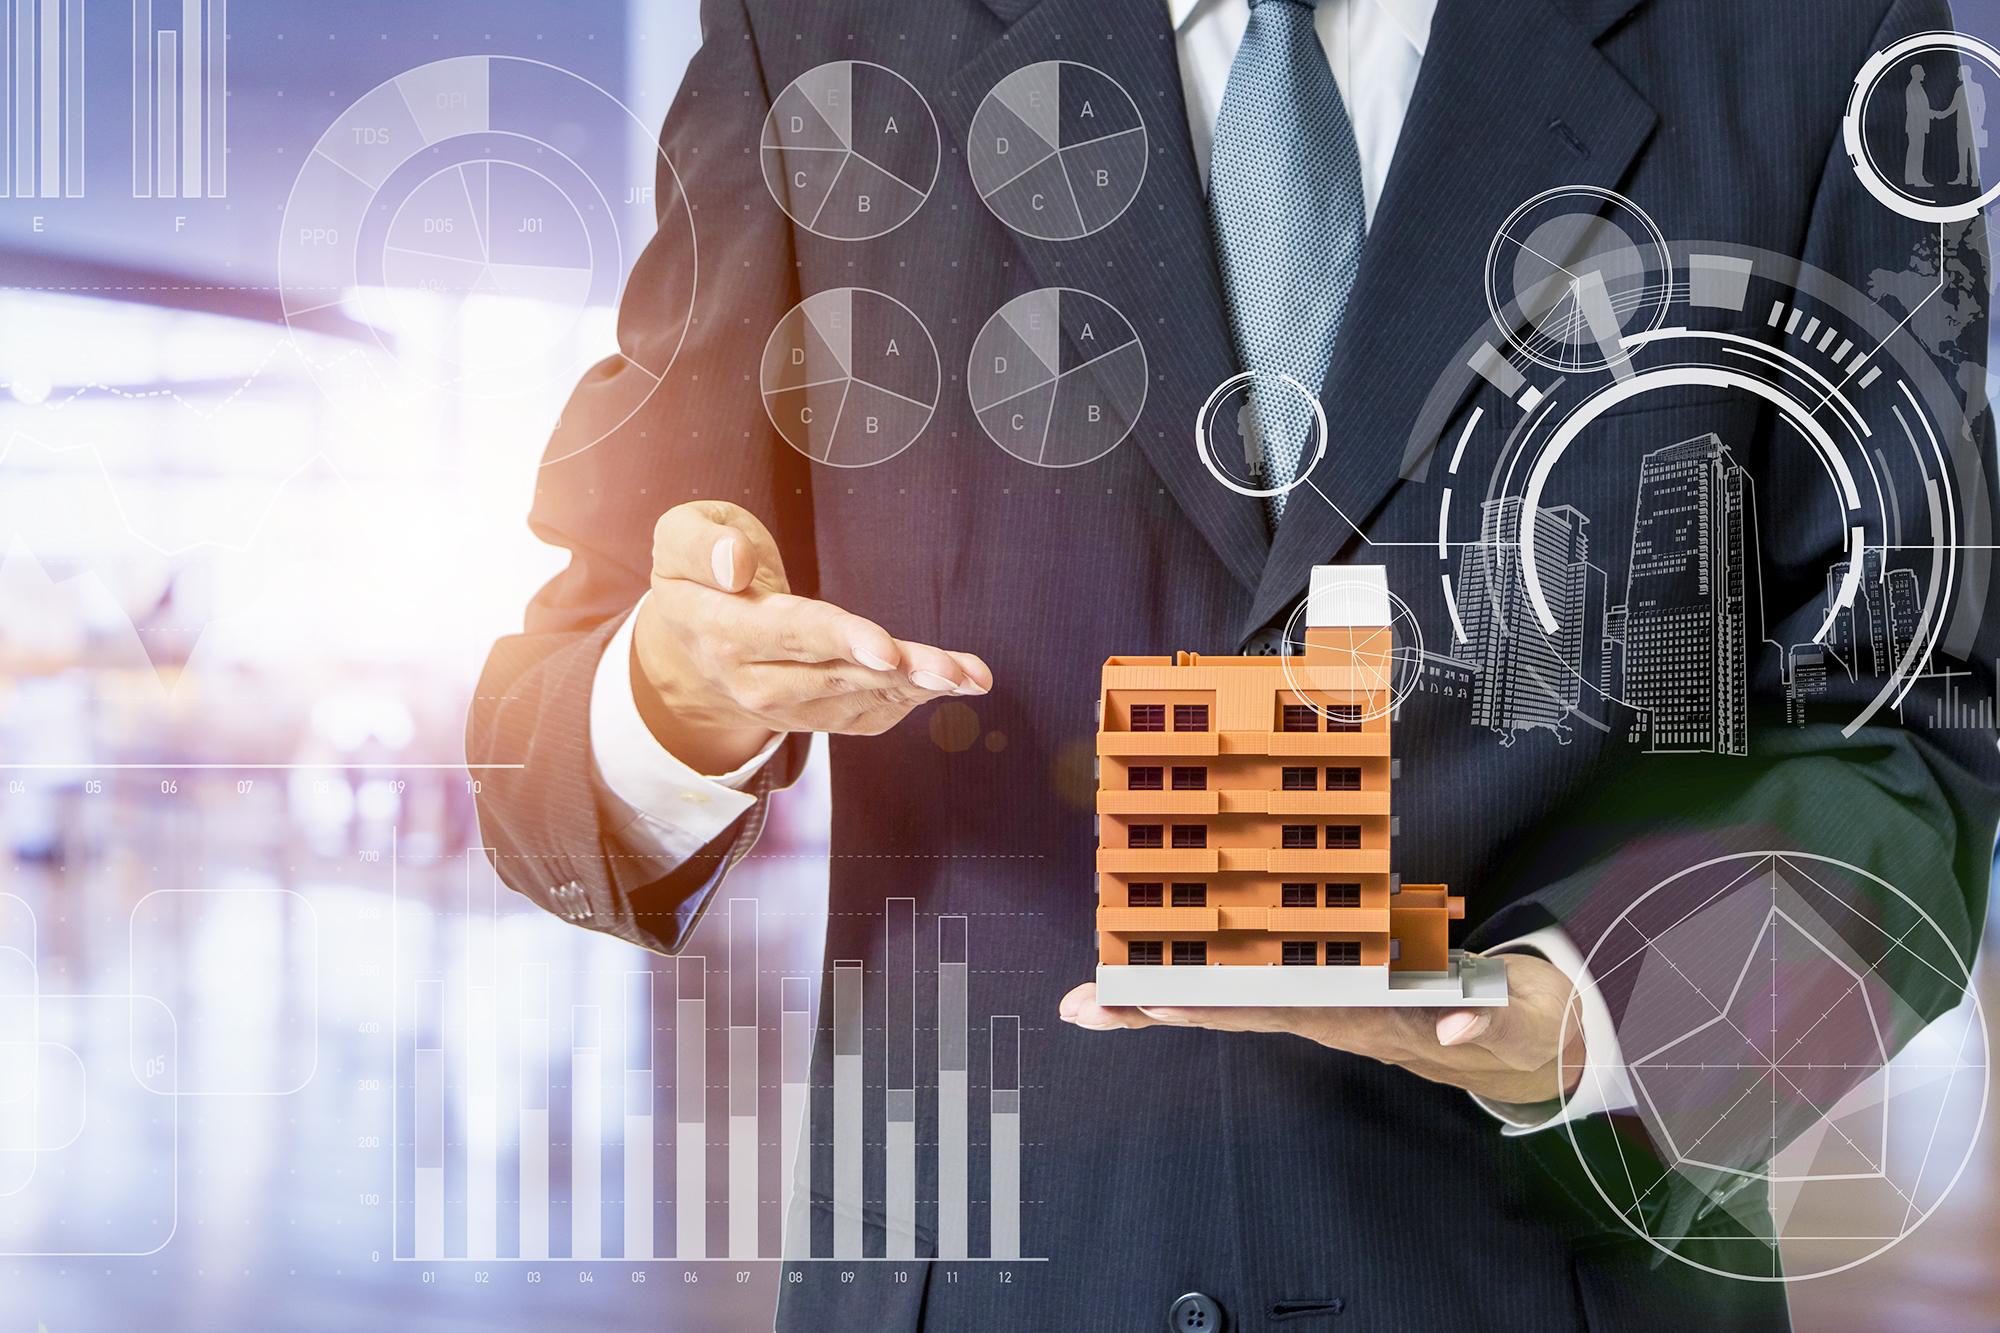 マンション投資の強みは経済の波に強い!?不動産の「インフレへの耐久力」